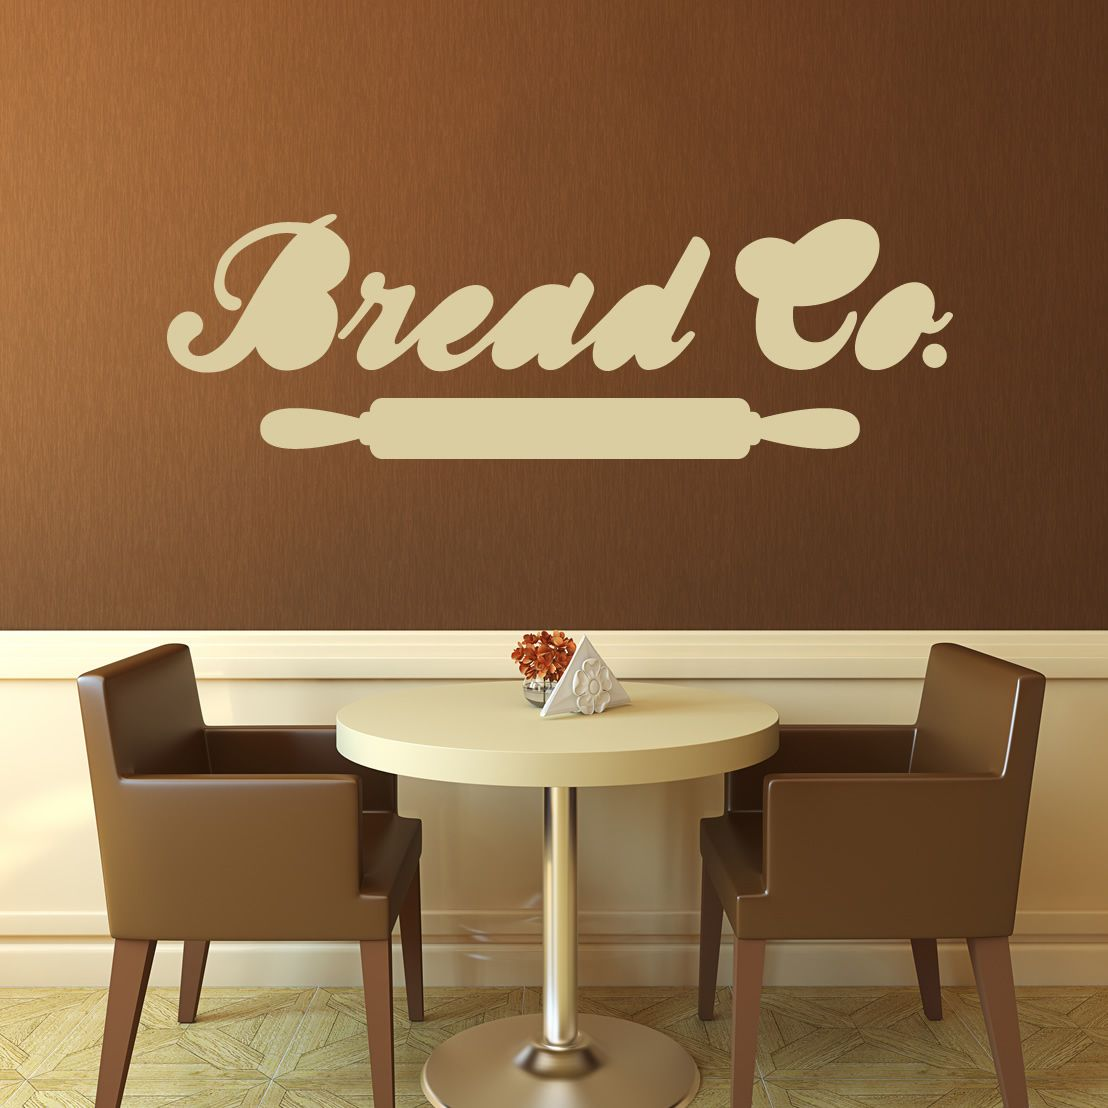 Kitchen wall decals breadcobakerywallartstickers vinyl